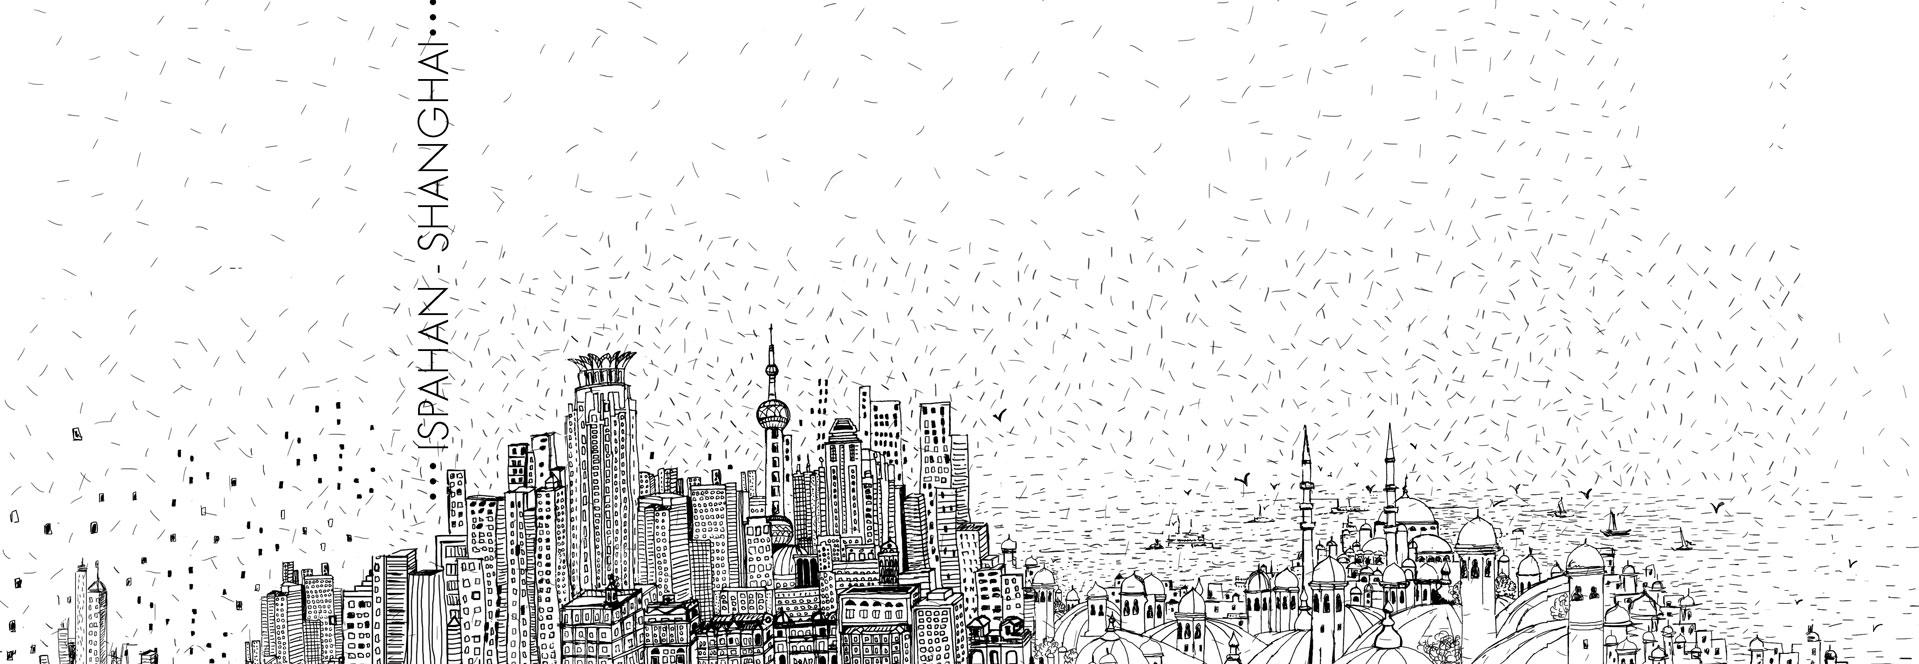 Ispahan to Shanghai